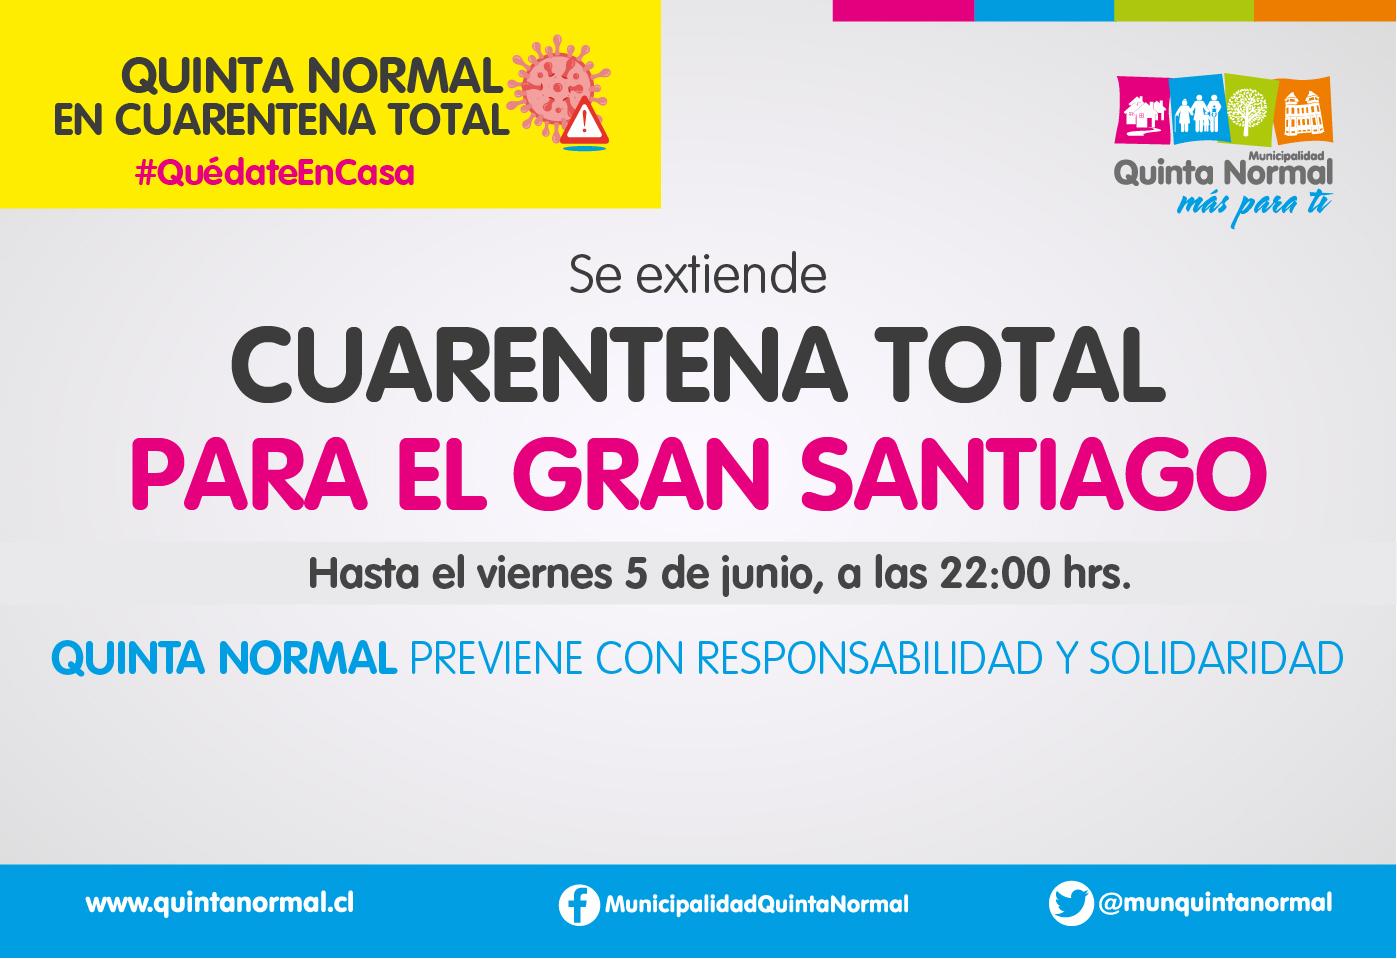 Quinta Normal sigue en Cuarentena Total